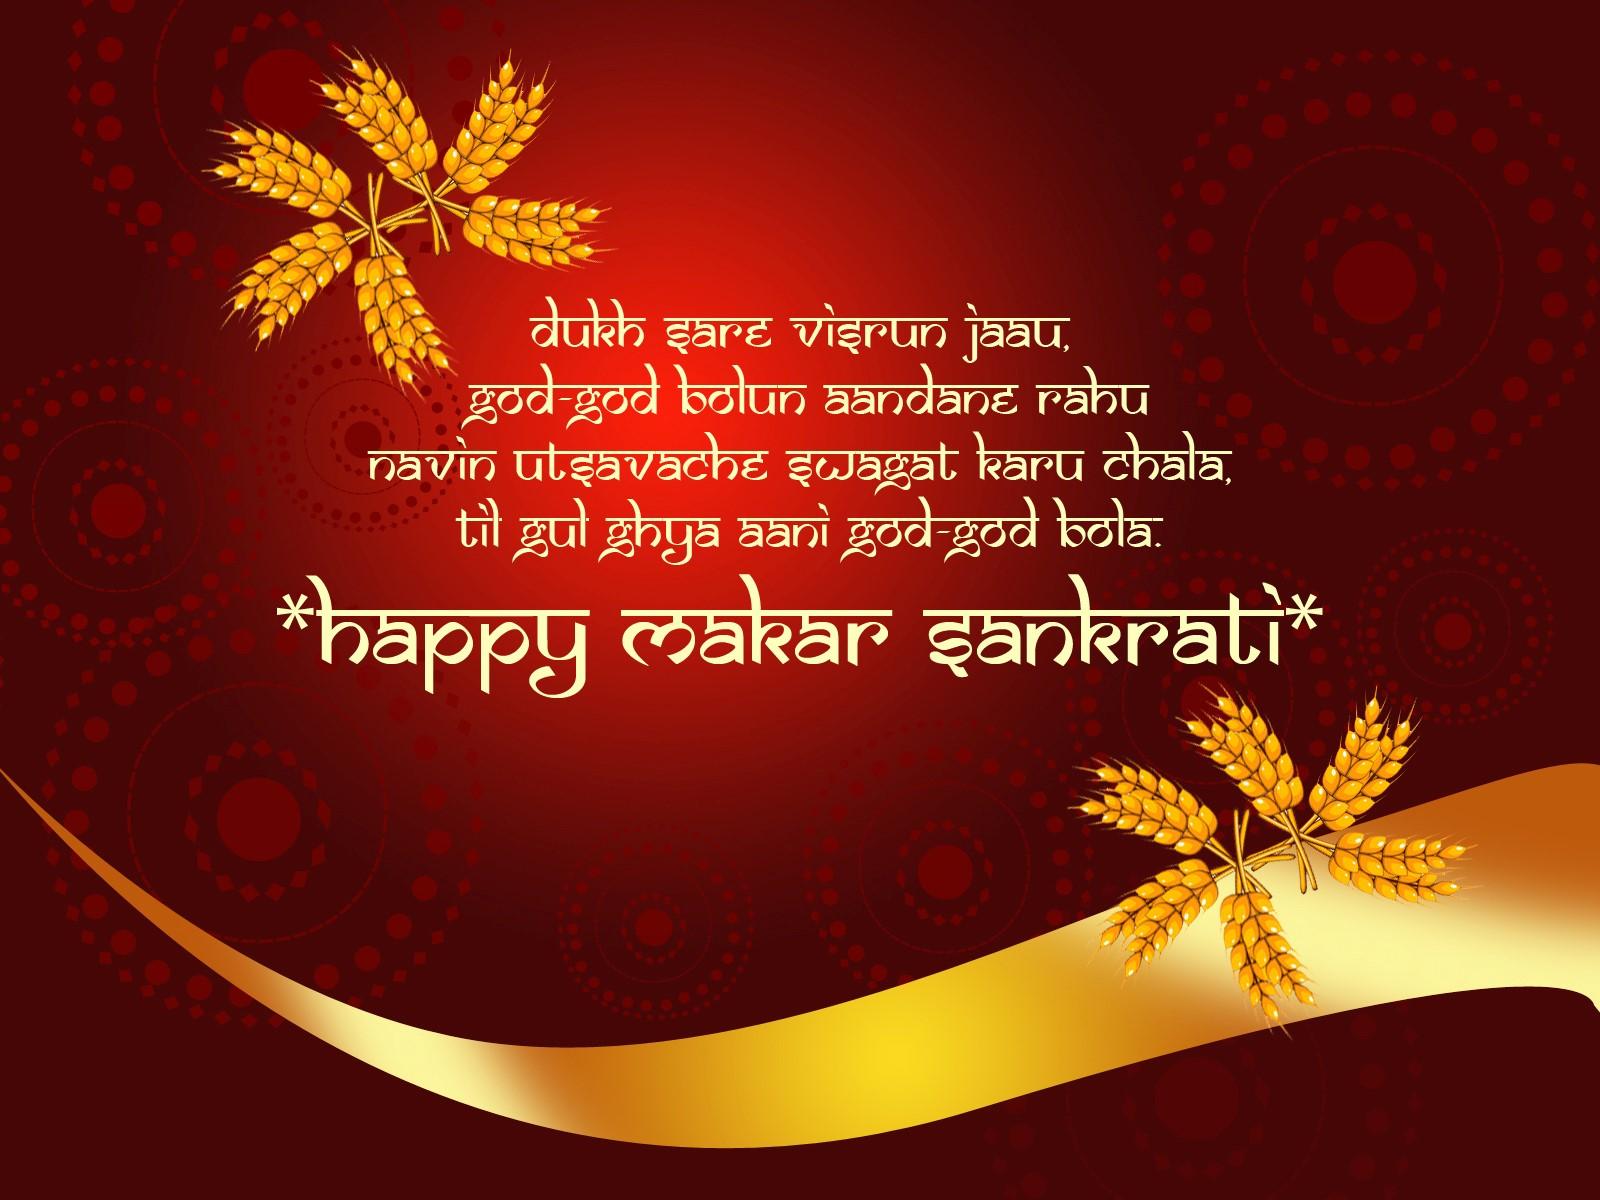 happy sankranti wishes in tamil